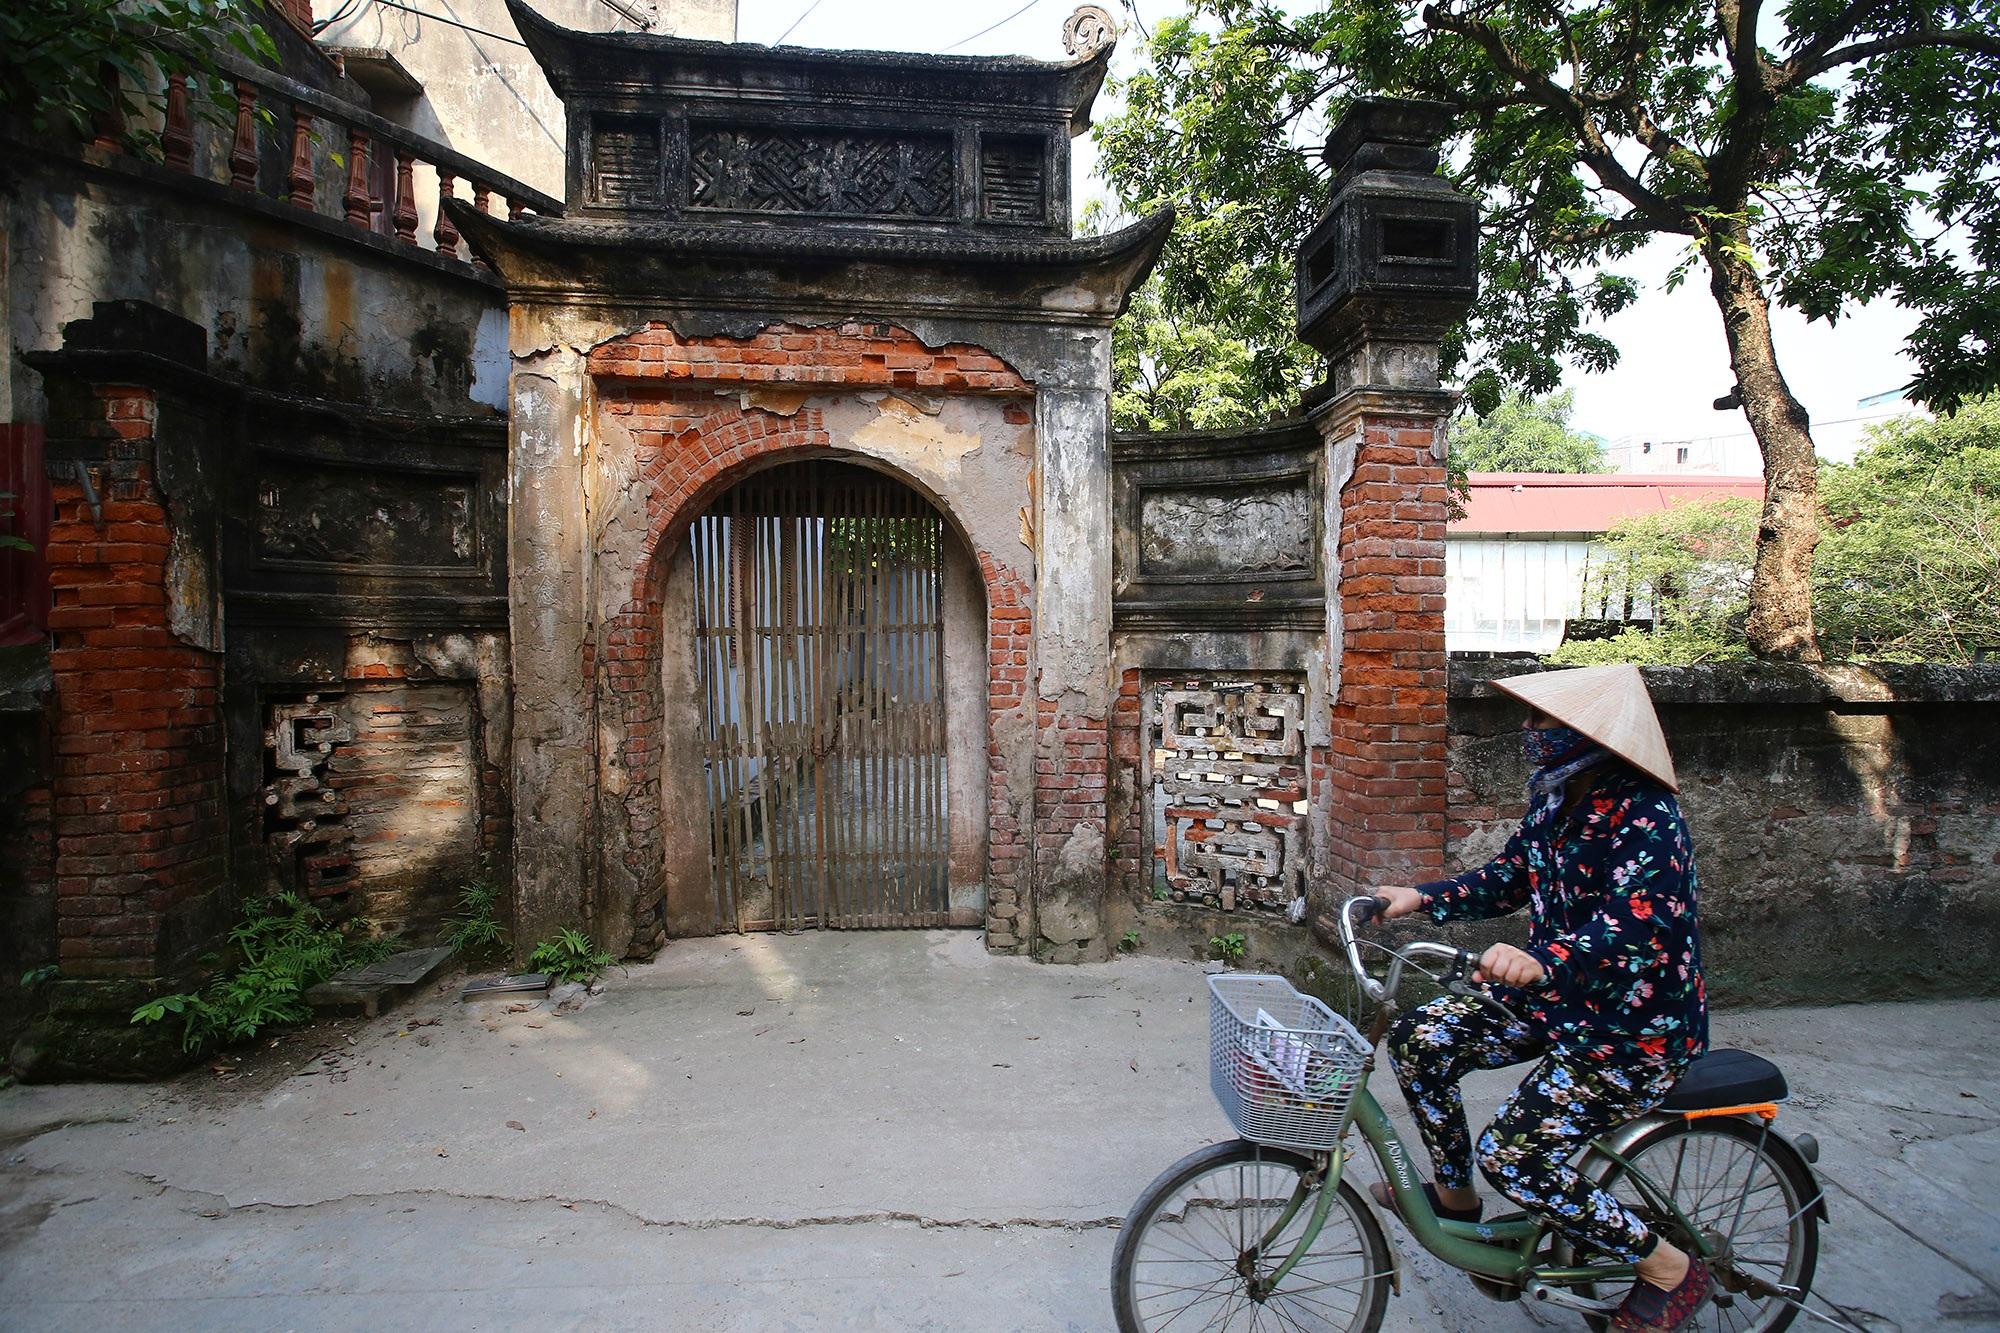 Đông Ngạc - Ngôi làng cổ tuyệt đẹp trong lòng thị thành Hà Nội - 2